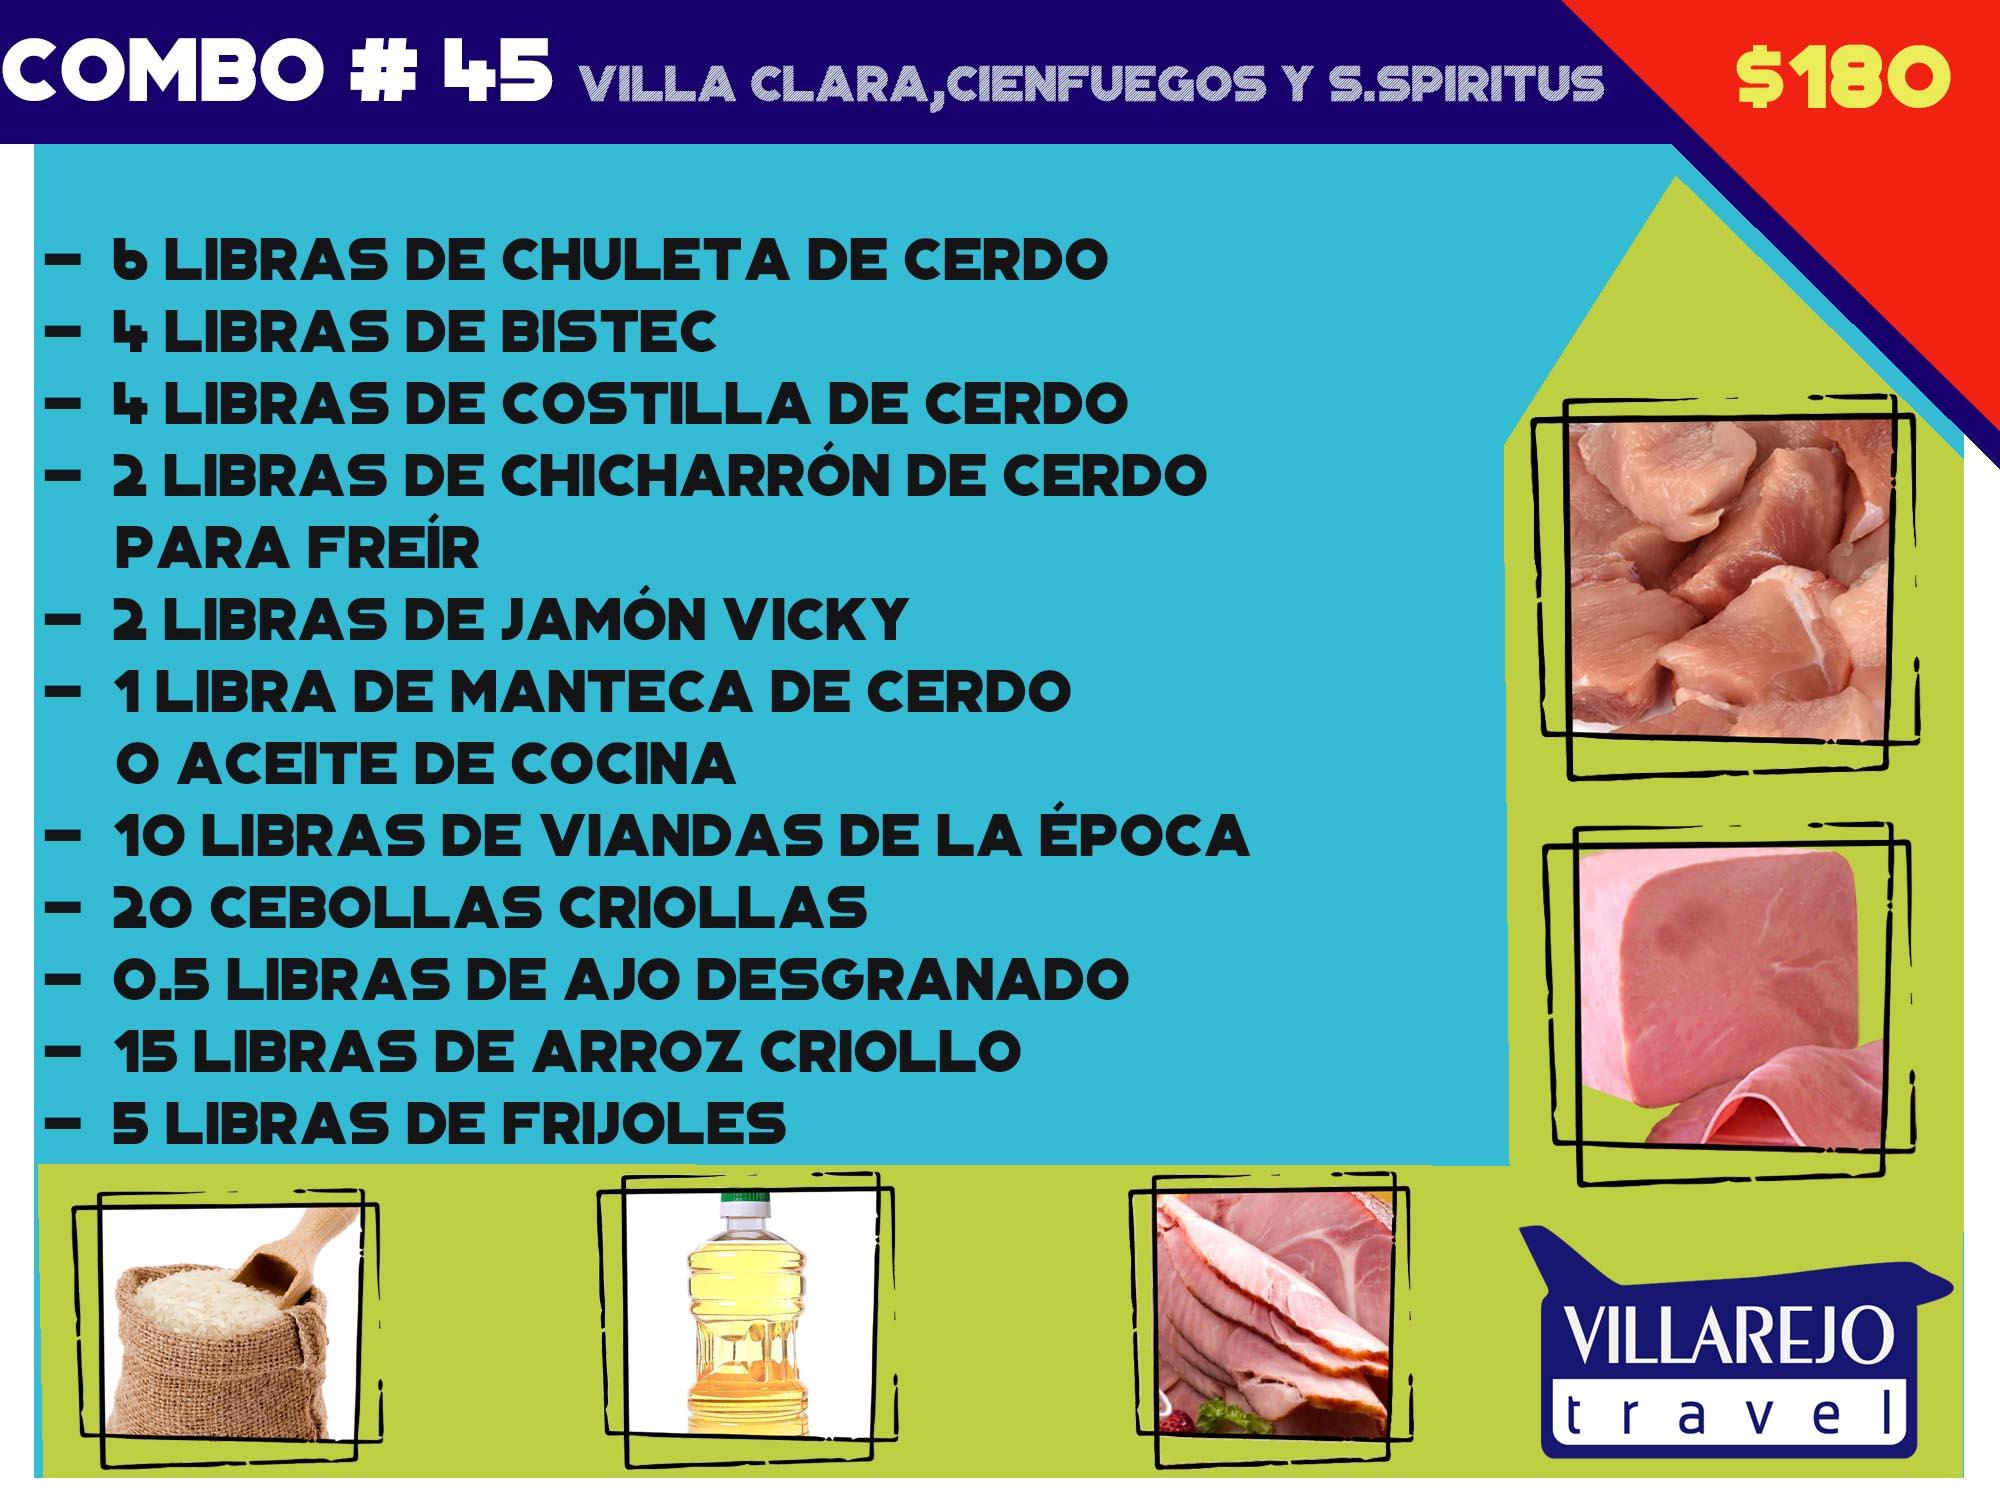 COMBO # 45 VILLA CLARA,CIENFUEGOS Y S.SPIRITUS